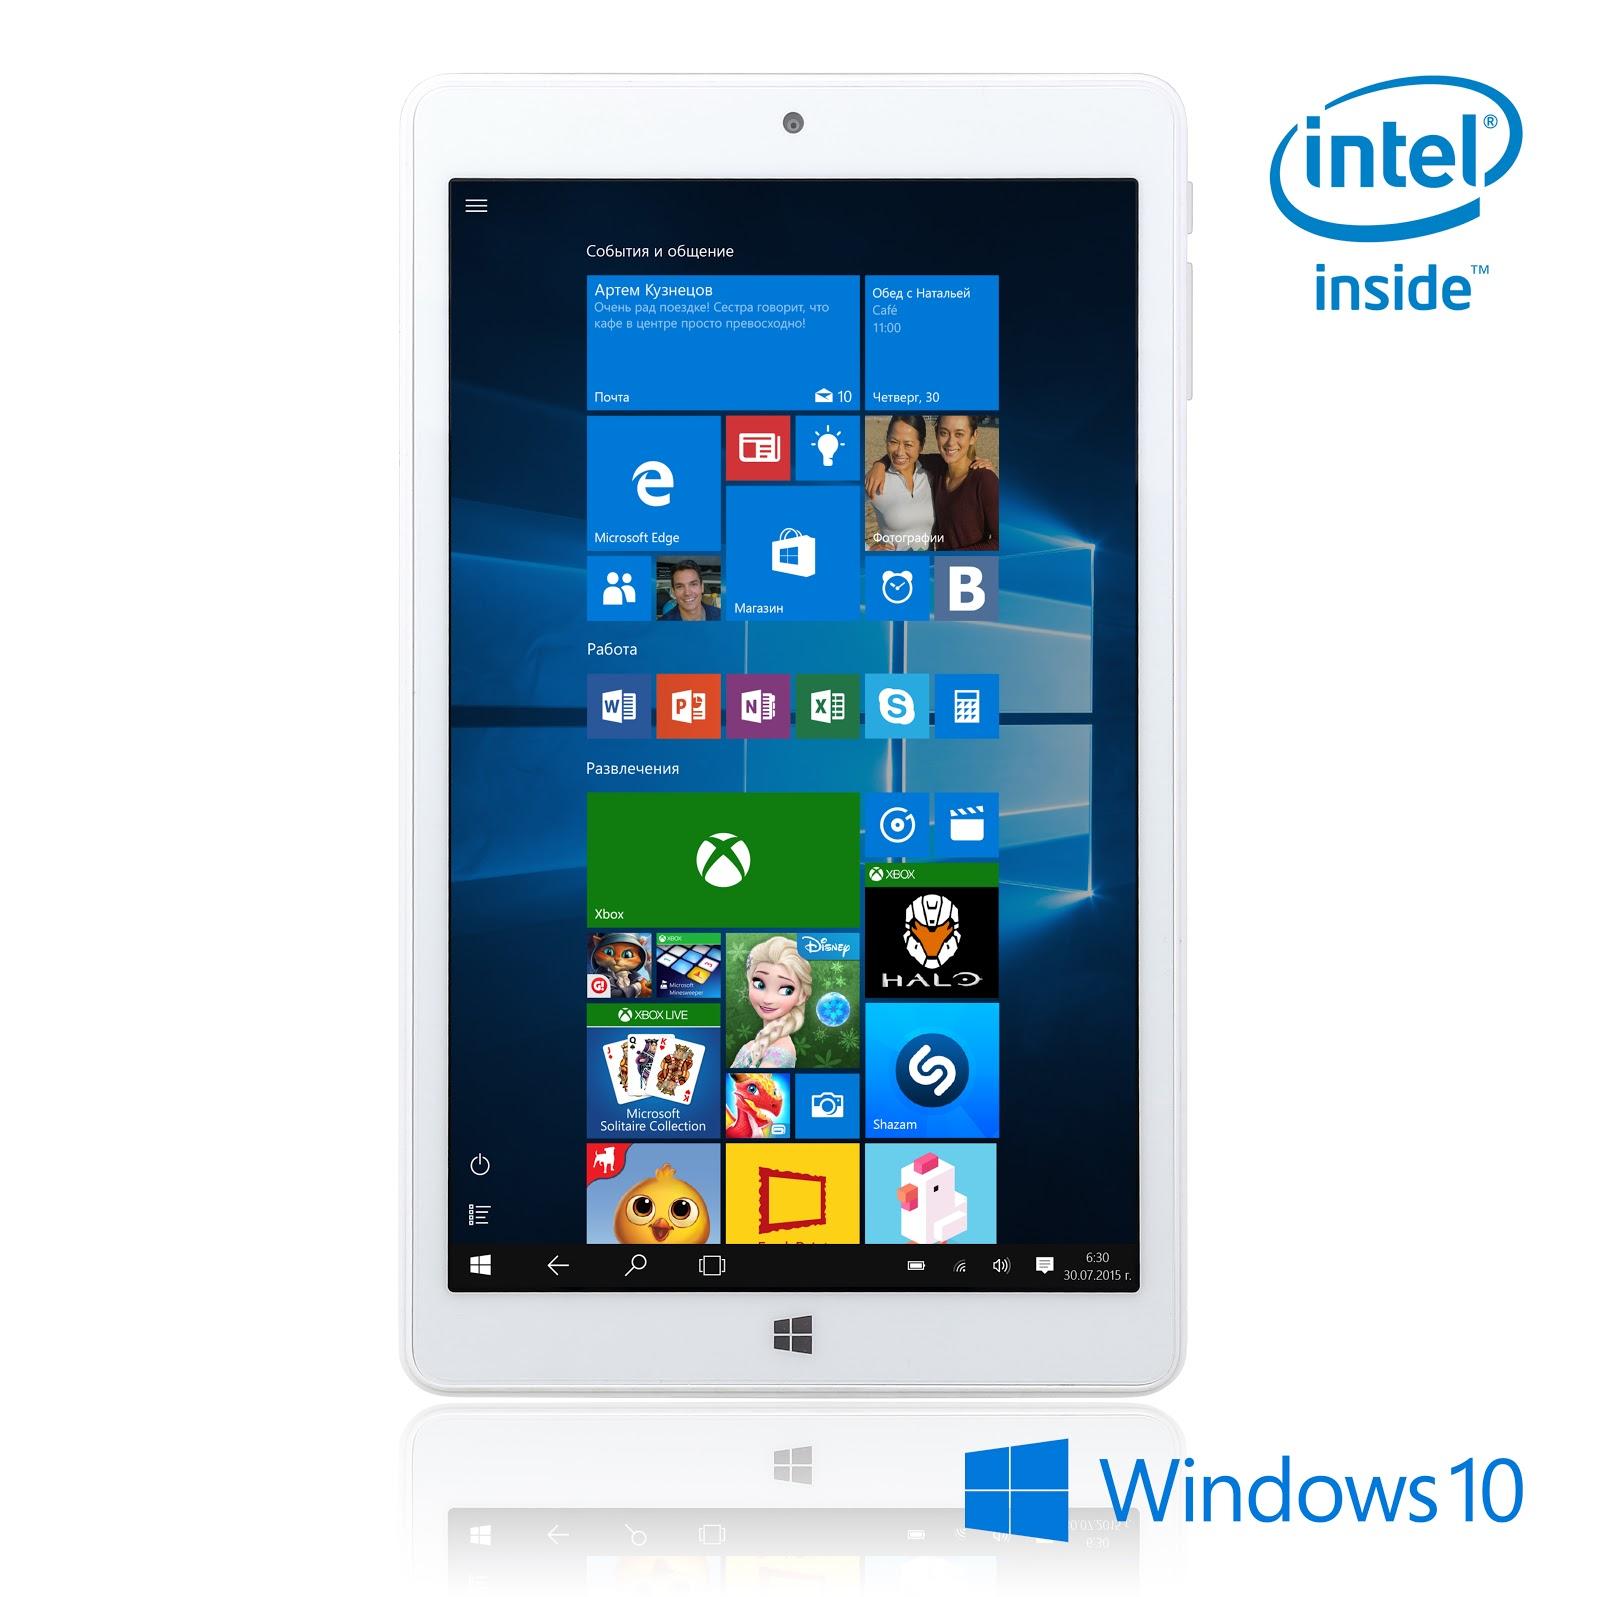 Обзор bb-mobile Techno W8.0 3G (Q800AY): бюджетный 8-дюймовый планшет на Windows 10 с 3G-модемом - 4